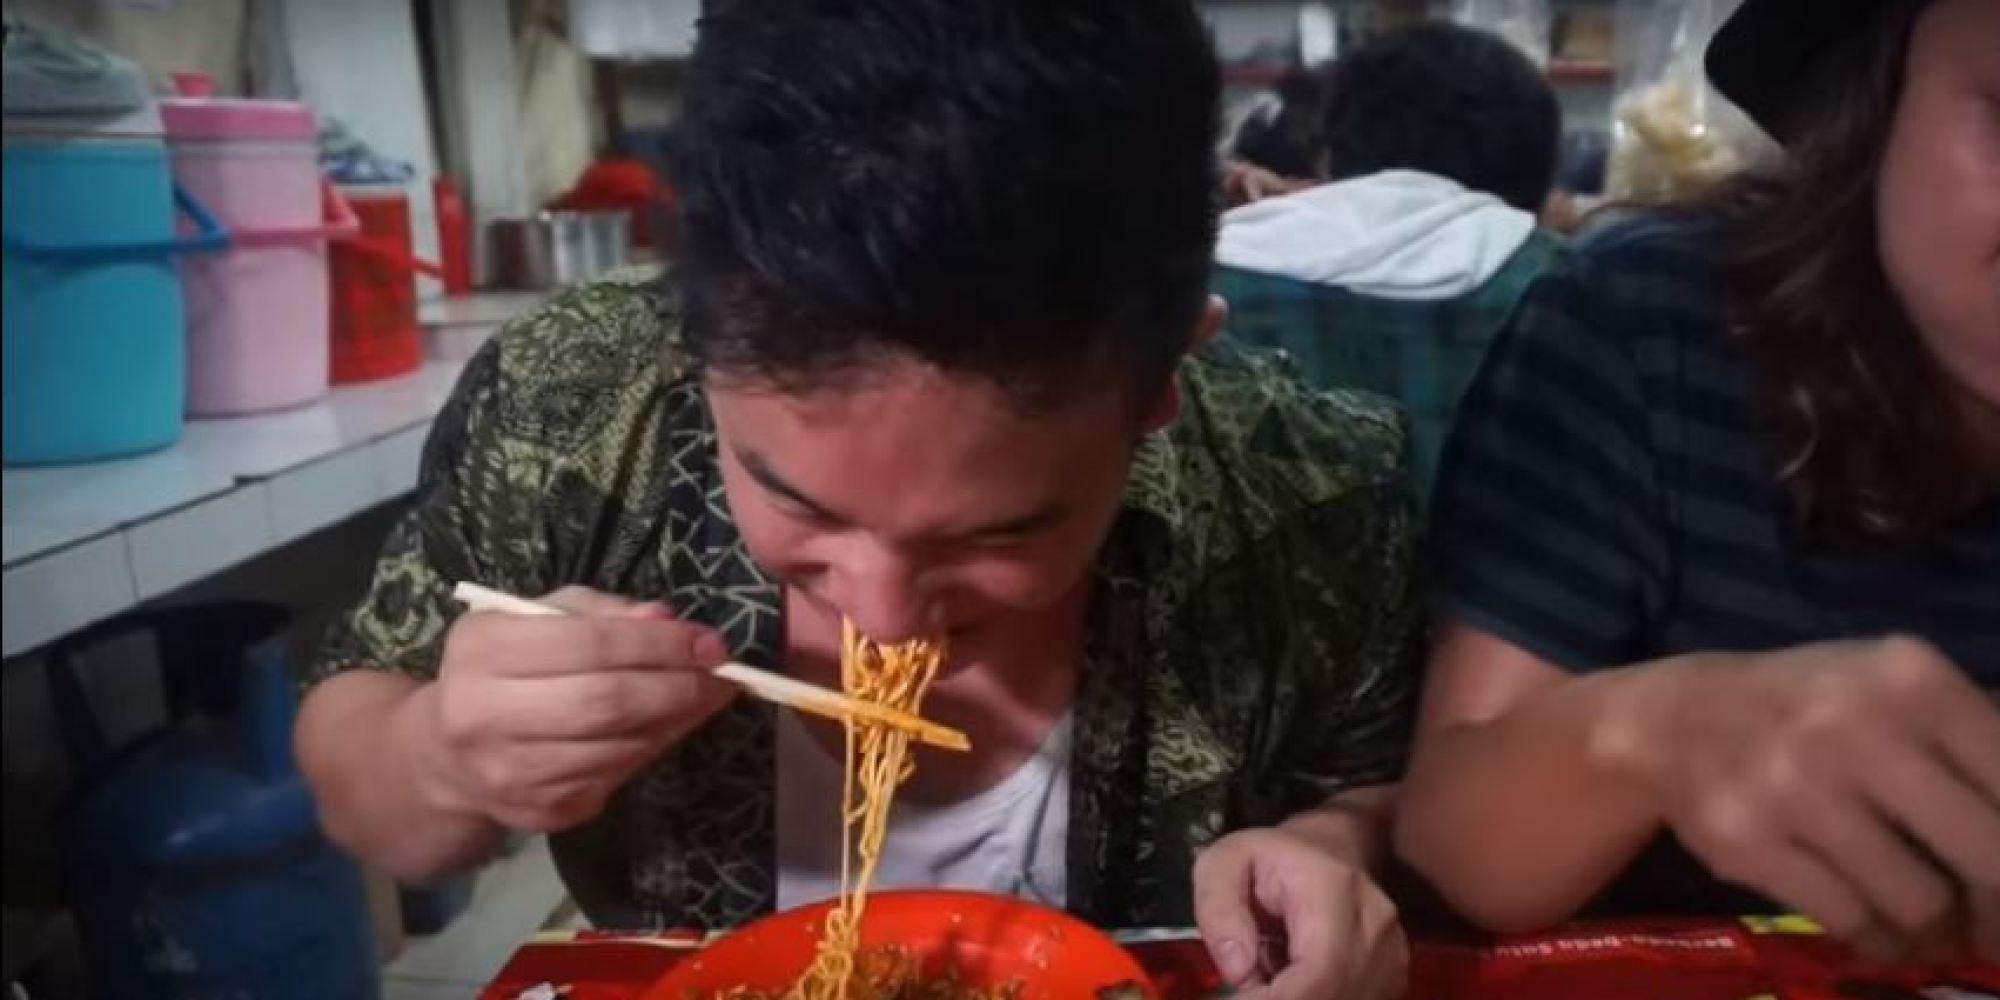 Le youtubeur ben ten a essay de manger des nouilles tr s for Bureau youtubeur